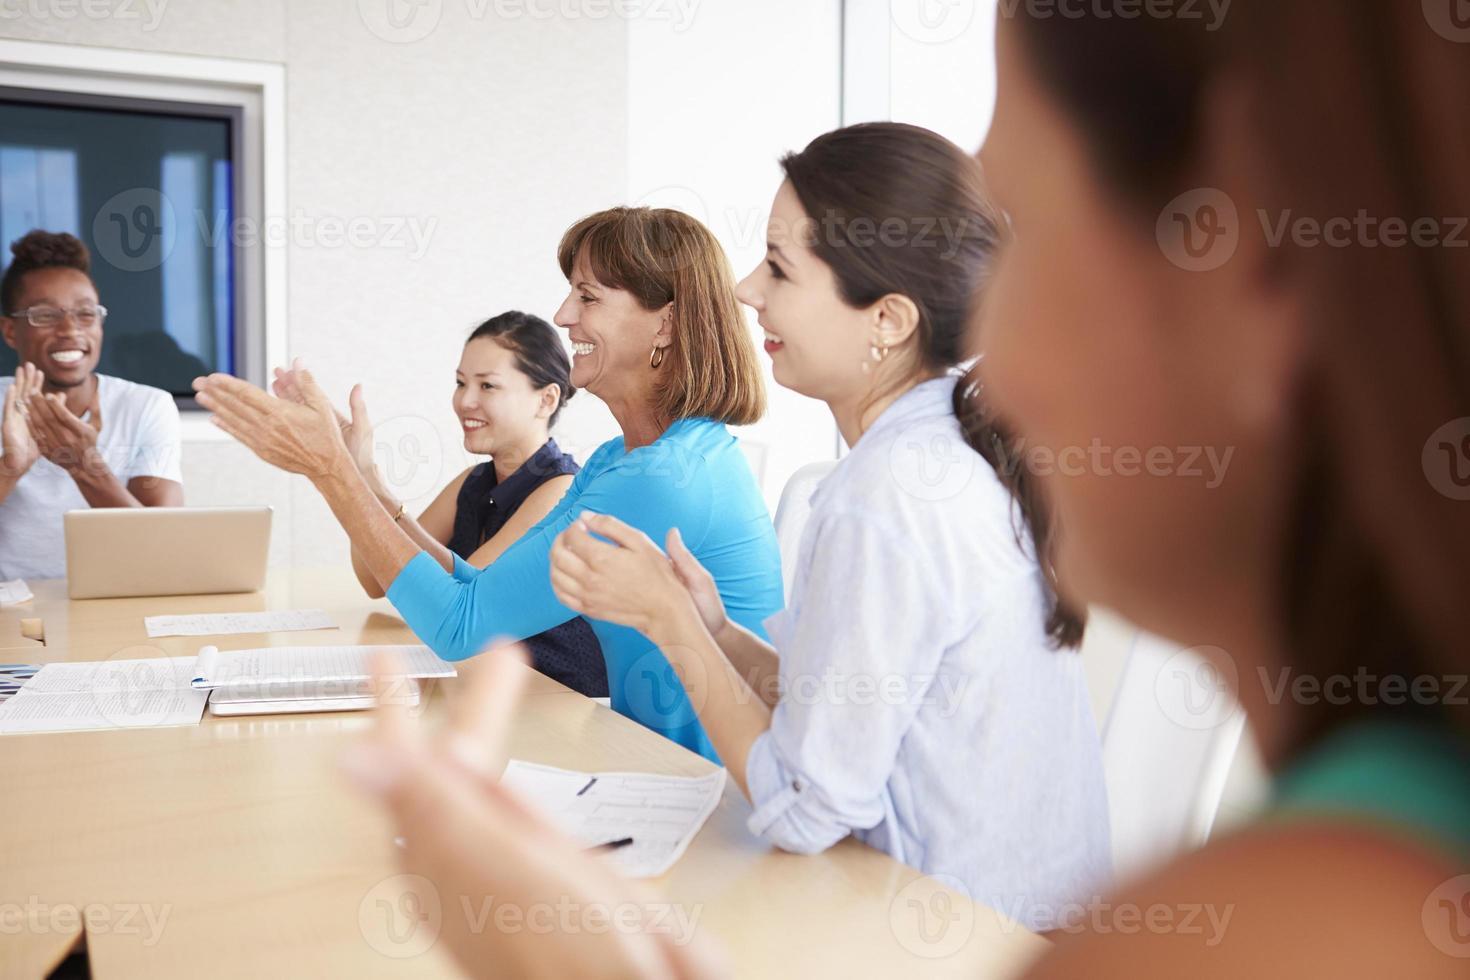 Les gens d'affaires applaudissent un collègue dans la salle de conférence photo